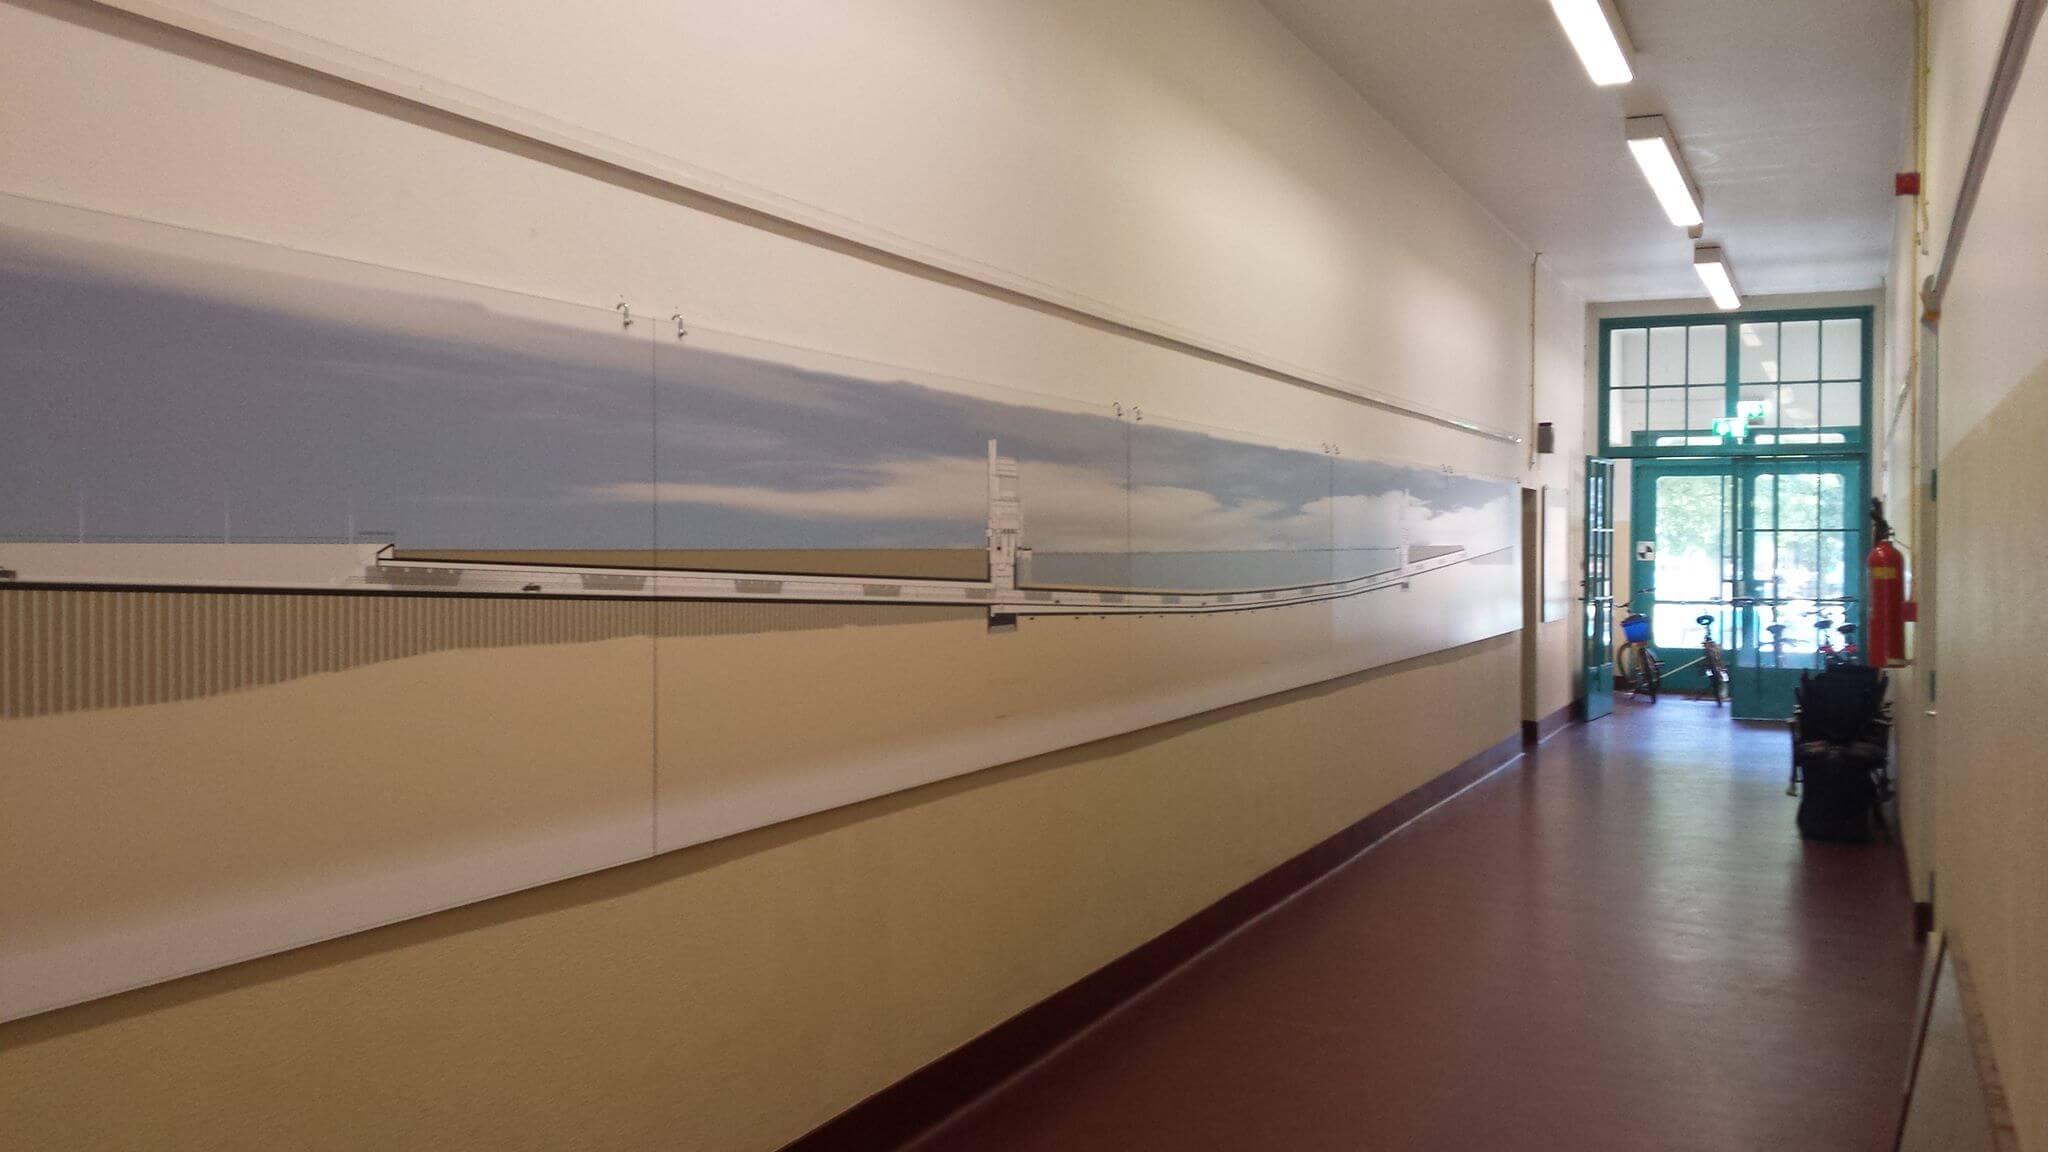 Bezoekerscentrum Maastunnel